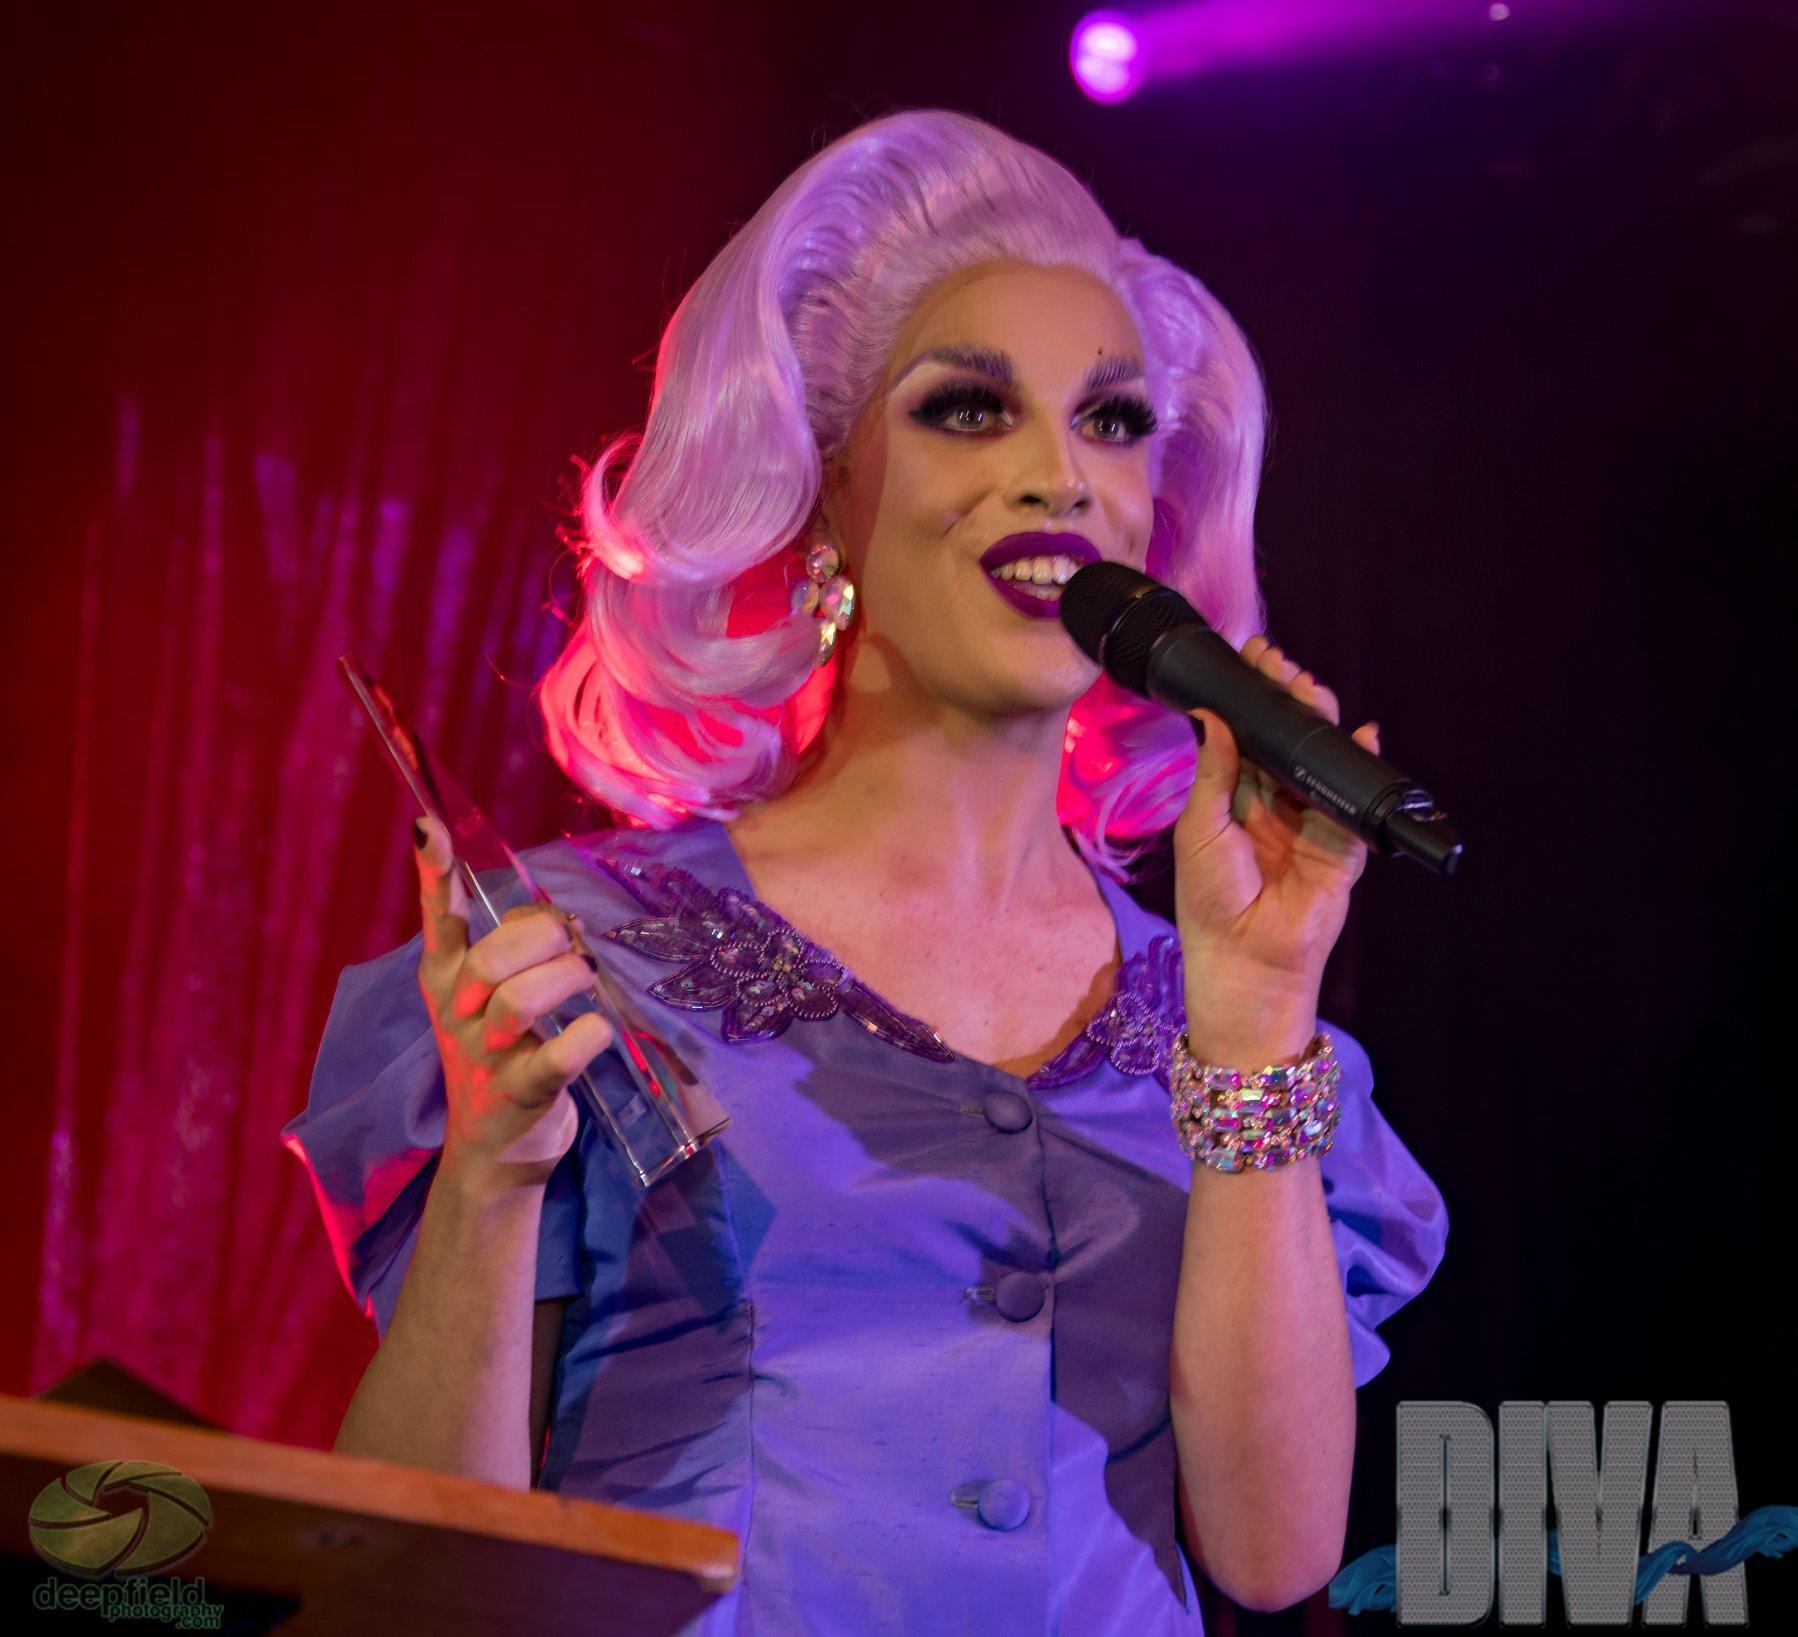 fran-giapanni-winner-win-rising-star-diva-awards-sydney-drag-queen-royalty-best-hire-drag-race-australia-1.jpg